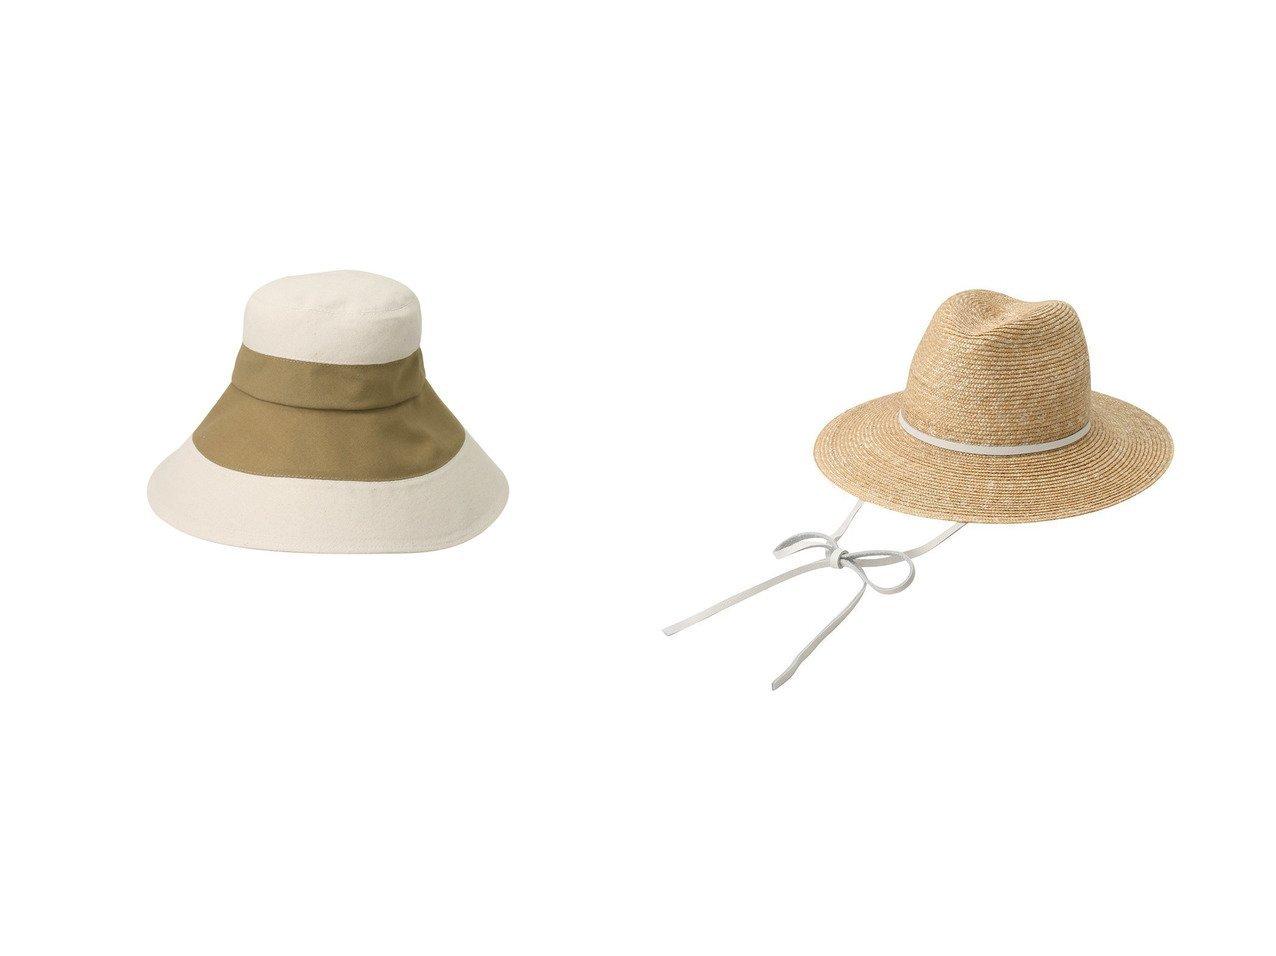 【heliopole/エリオポール】の【Lola HATS】コットンバケットハット&【Lola HATS】ストローリボンハット MARSEILLE おすすめ!人気、トレンド・レディースファッションの通販 おすすめで人気の流行・トレンド、ファッションの通販商品 インテリア・家具・メンズファッション・キッズファッション・レディースファッション・服の通販 founy(ファニー) https://founy.com/ ファッション Fashion レディースファッション WOMEN 帽子 Hats シンプル ロング 人気 今季 ニューヨーク 帽子 |ID:crp329100000045491